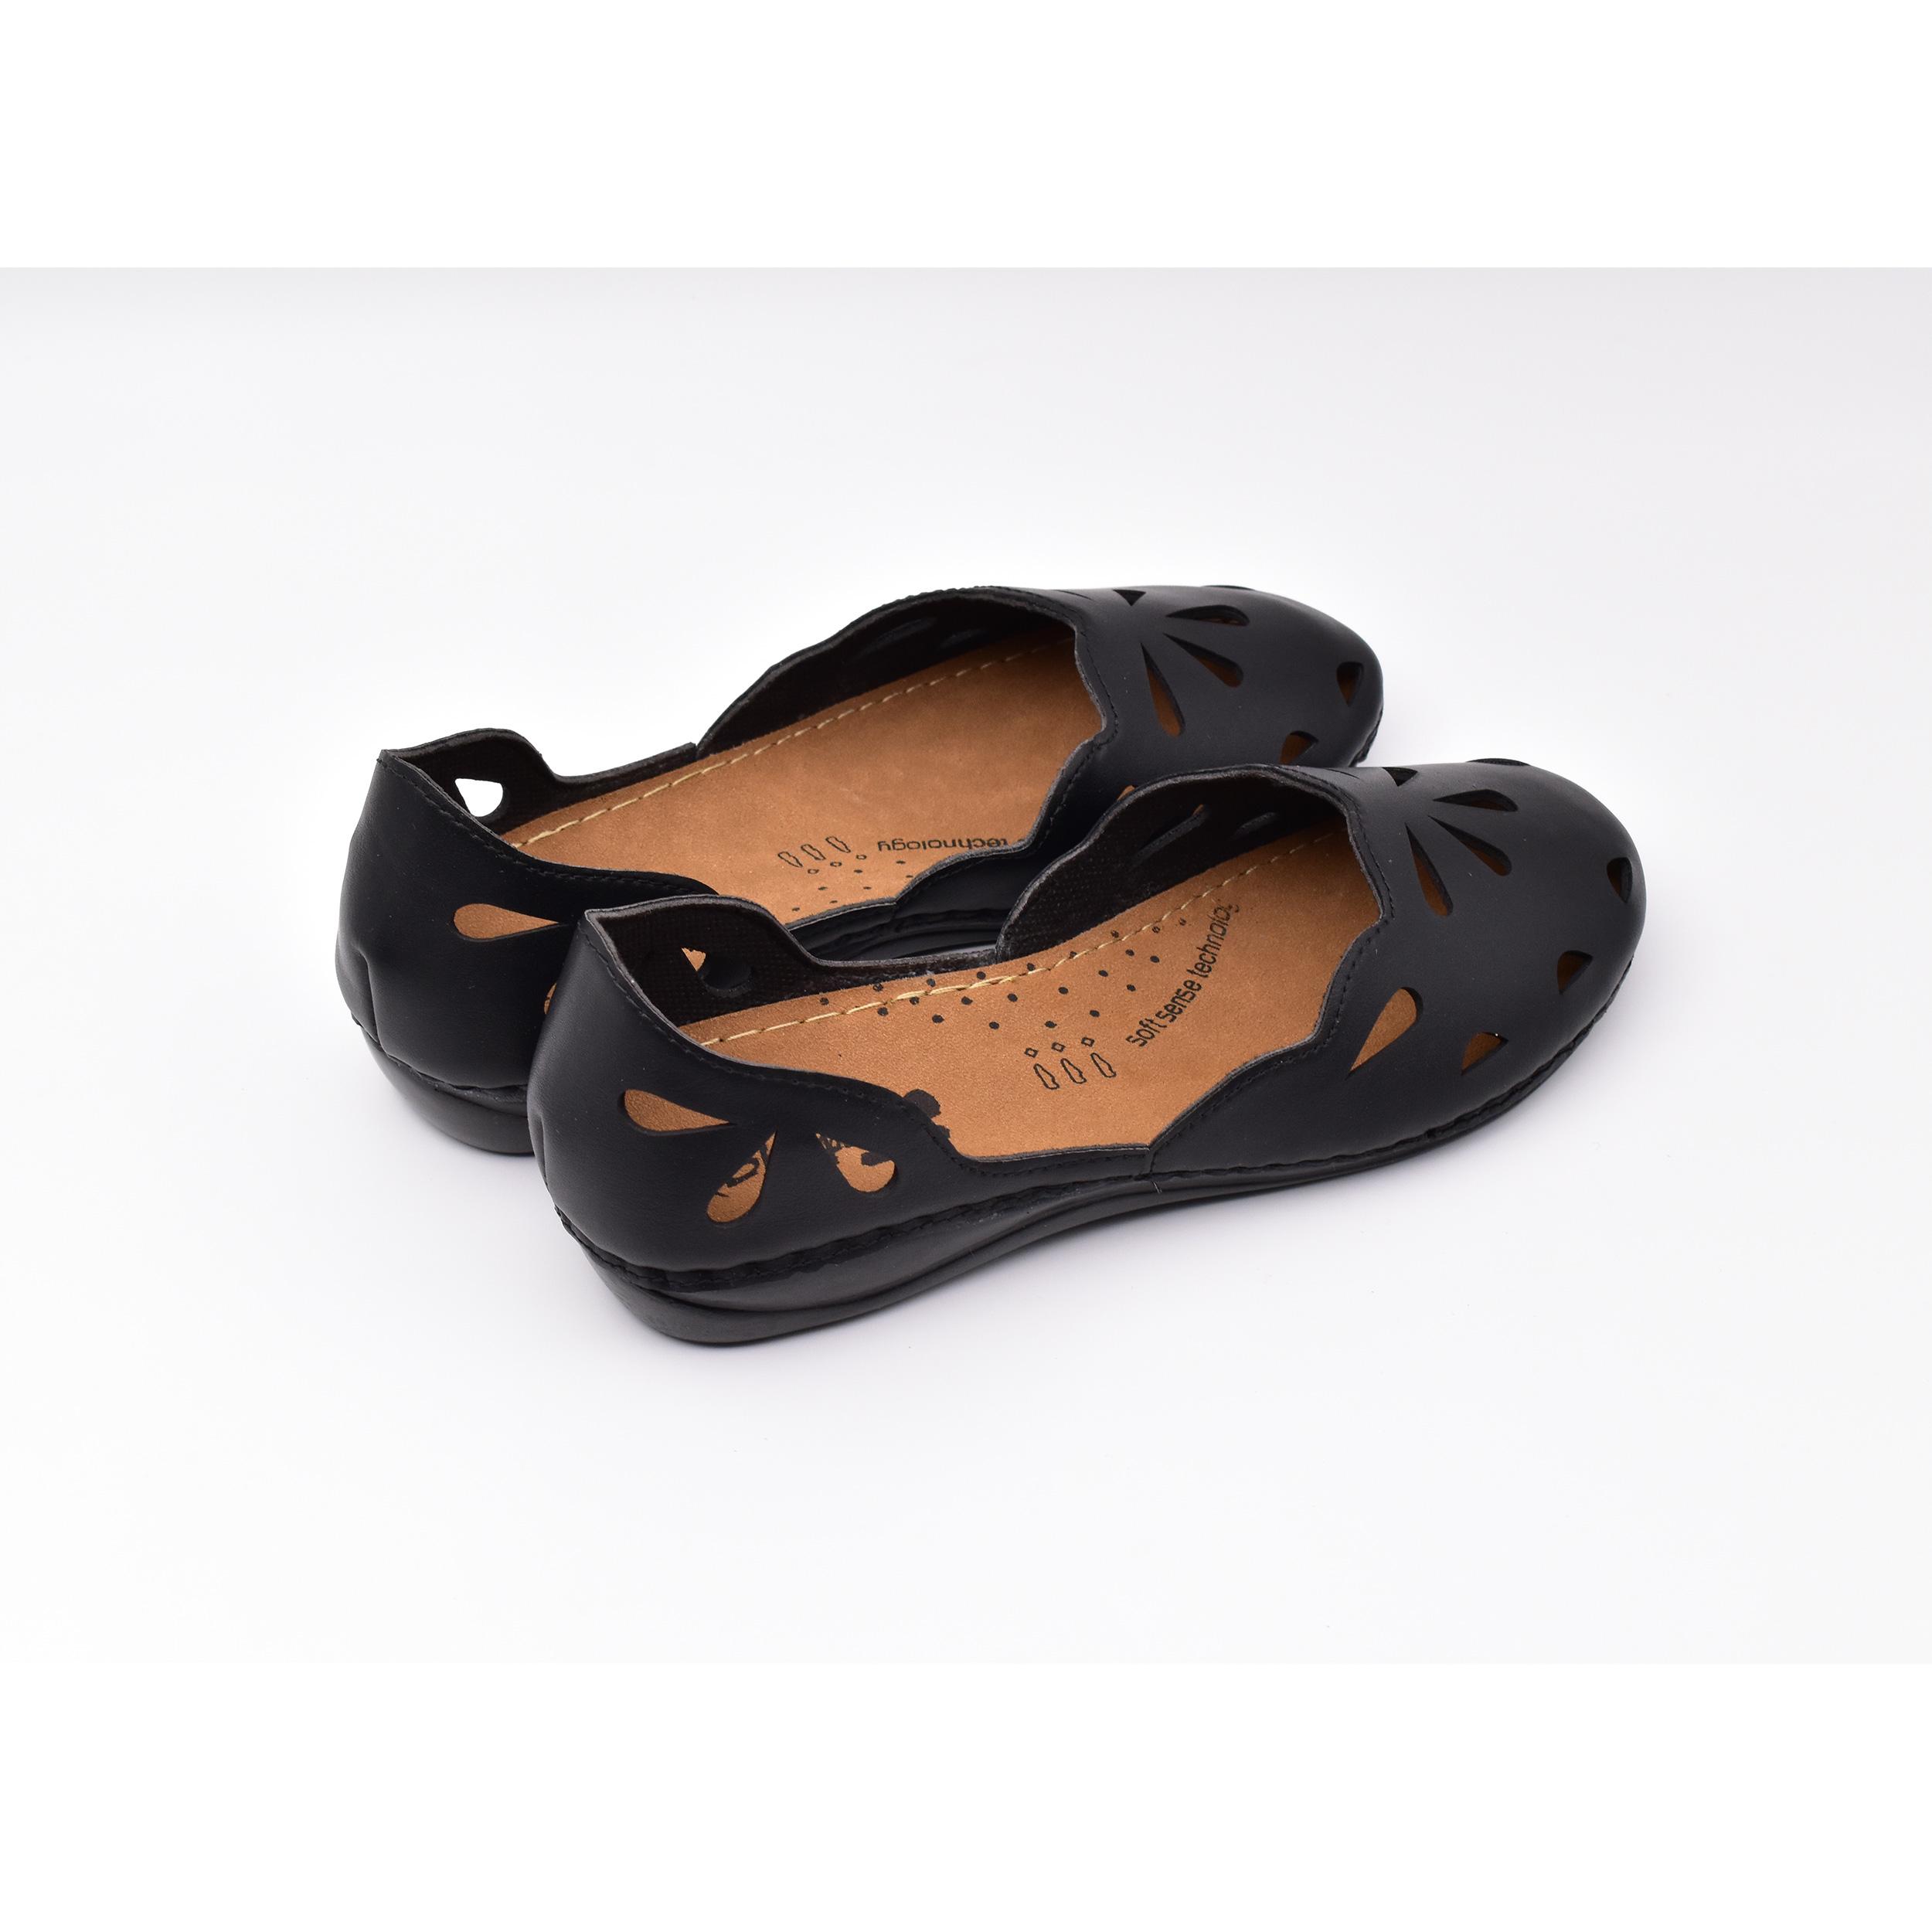 کفش زنانه شهپر مدل رویا 109 کد 7187 main 1 3